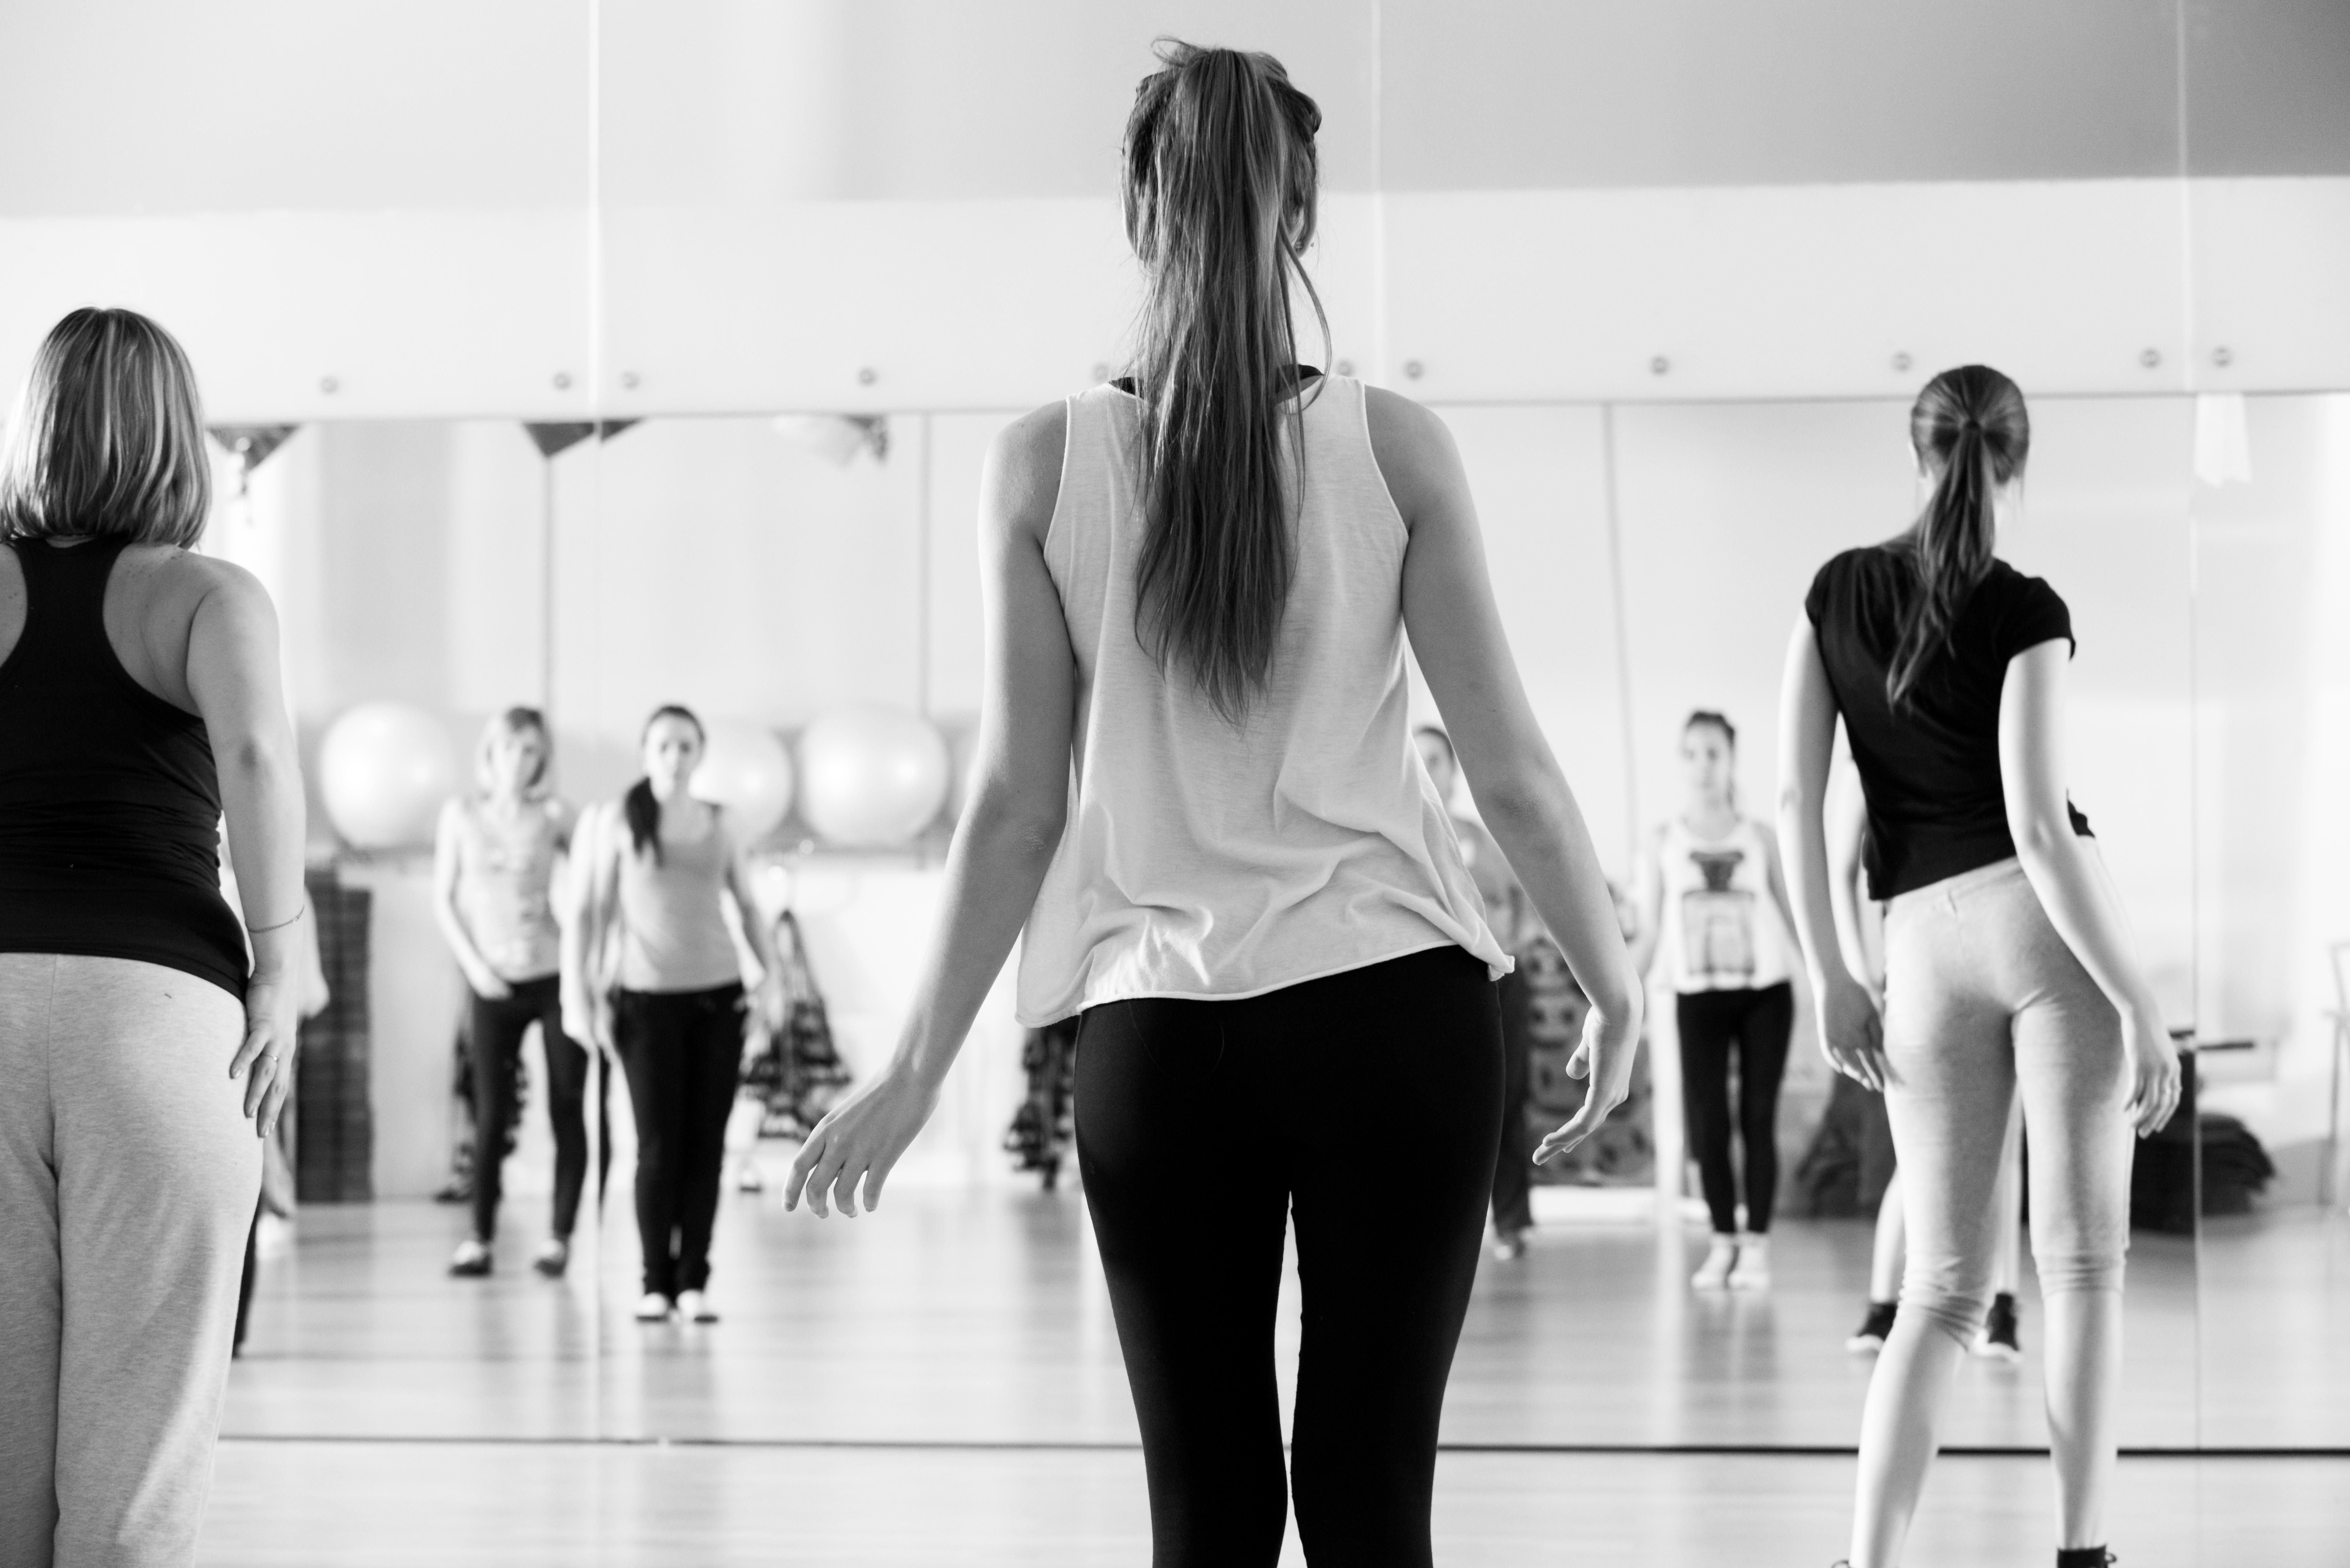 https://teatromelico.go.cr/images/dance-class-women-black-white.jpg